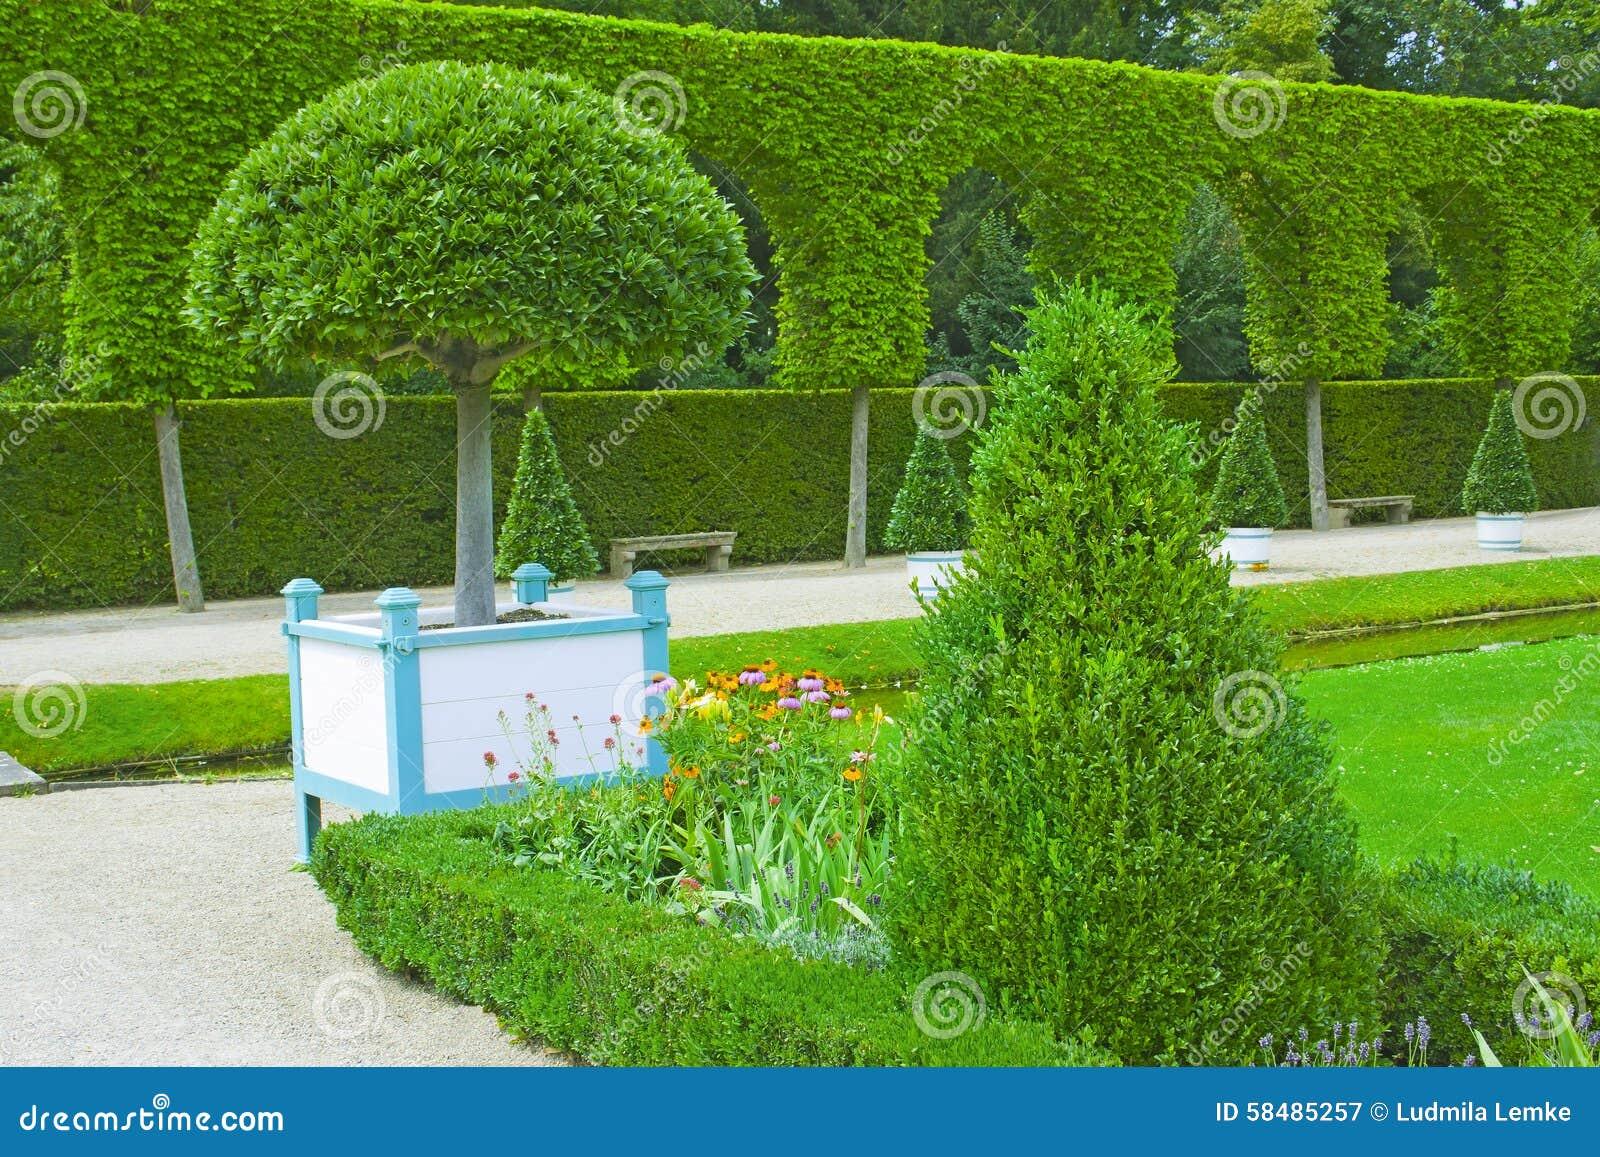 Download Schöner Garten Mit Grünen Hecken Stockbild   Bild Von Büsche,  Umgebung: 58485257